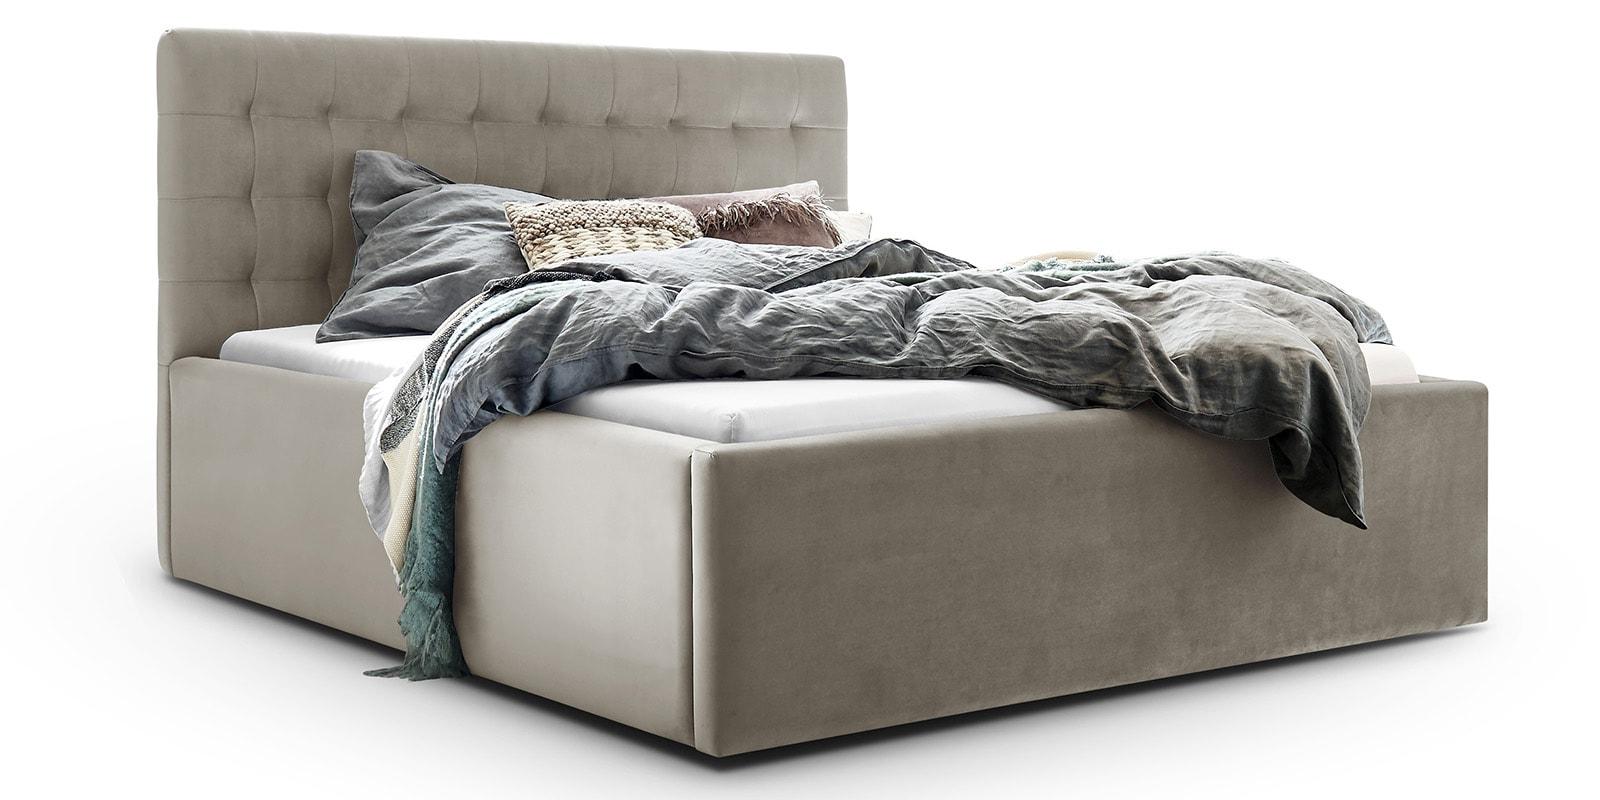 Moebella24 - Bett - mit - Bettkasten - Molly - Samt - Altweiß - Stauraum - Bettkasten - und - Lattenrost - vormontiert - verstärkte - Dämpfer - Detailaufnahme - Von - vorne - links